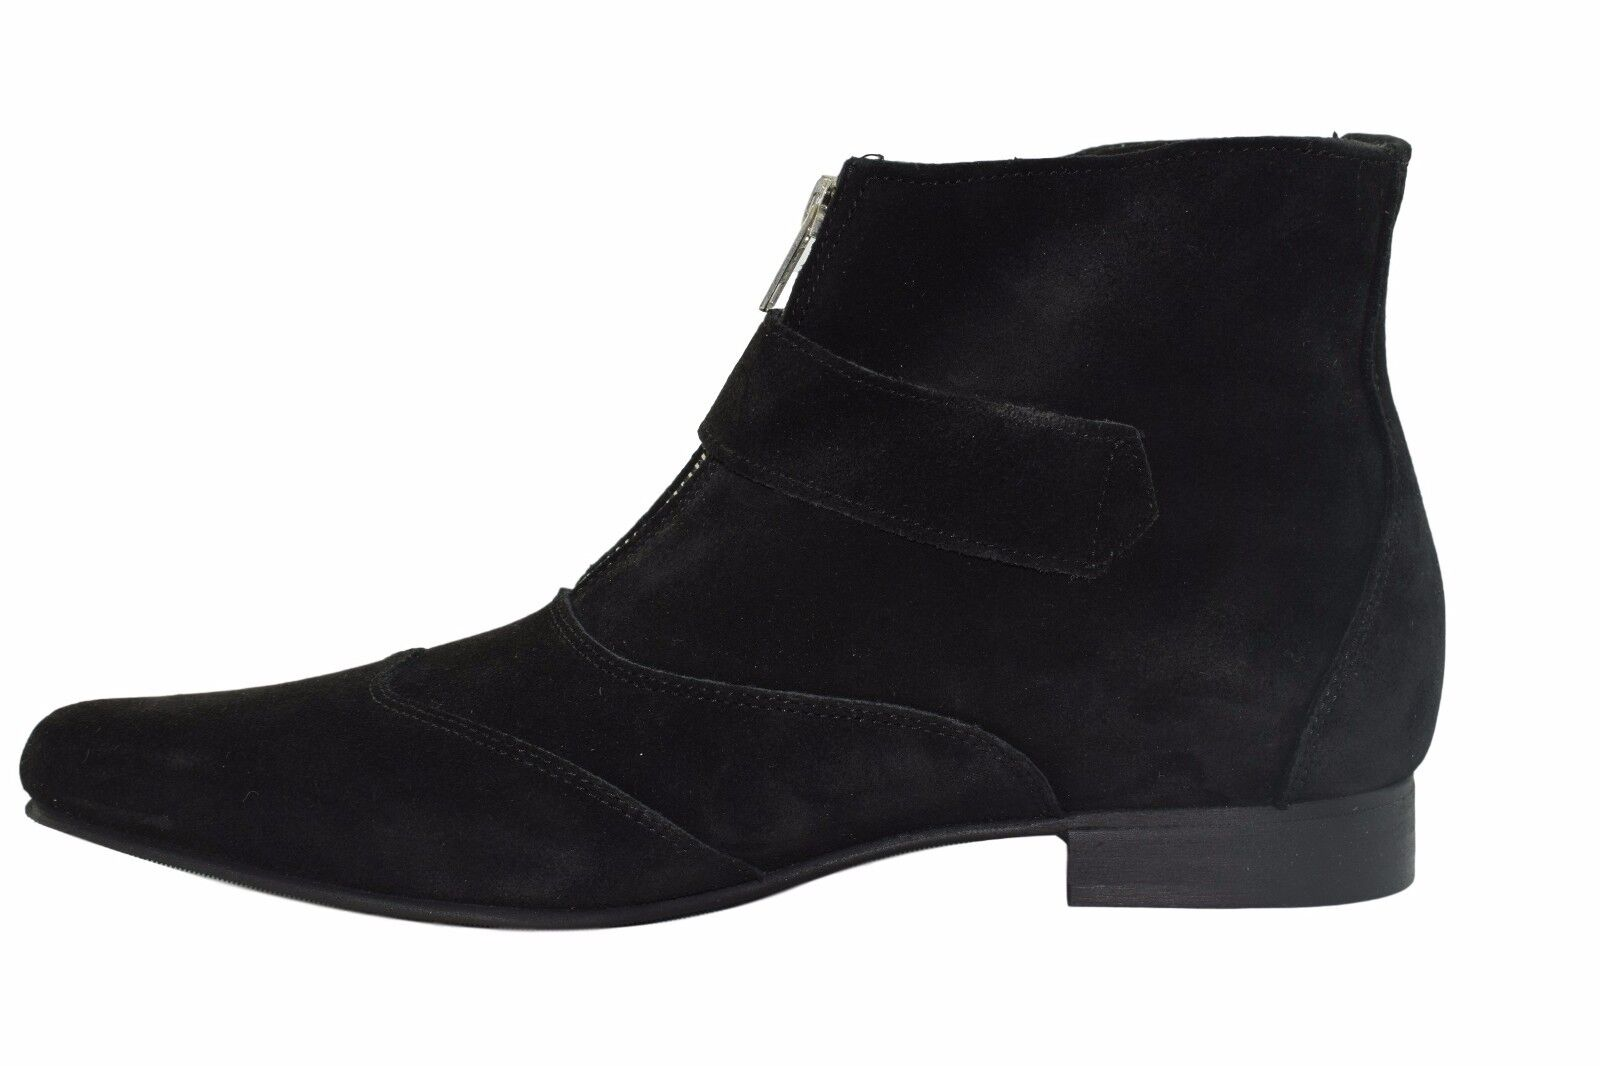 Steel Ground Black Suede Winklepicker Winklepicker Winklepicker Boots Buckle Pointed Ankle Boot Sb004Z4 235d24